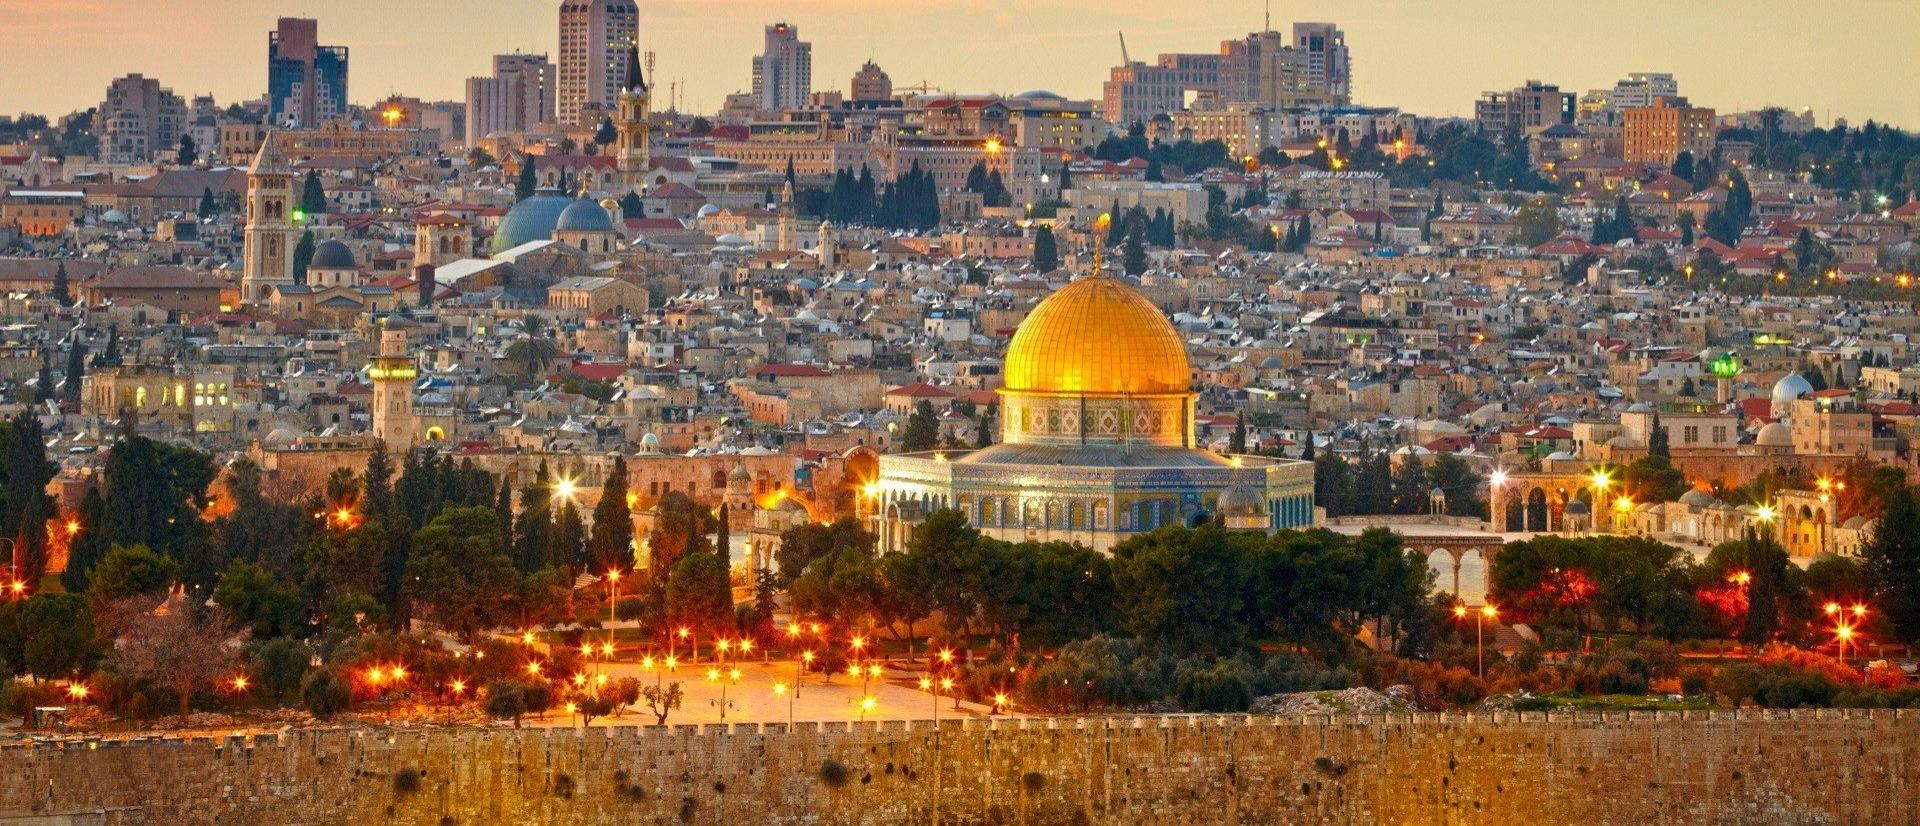 israel_edited